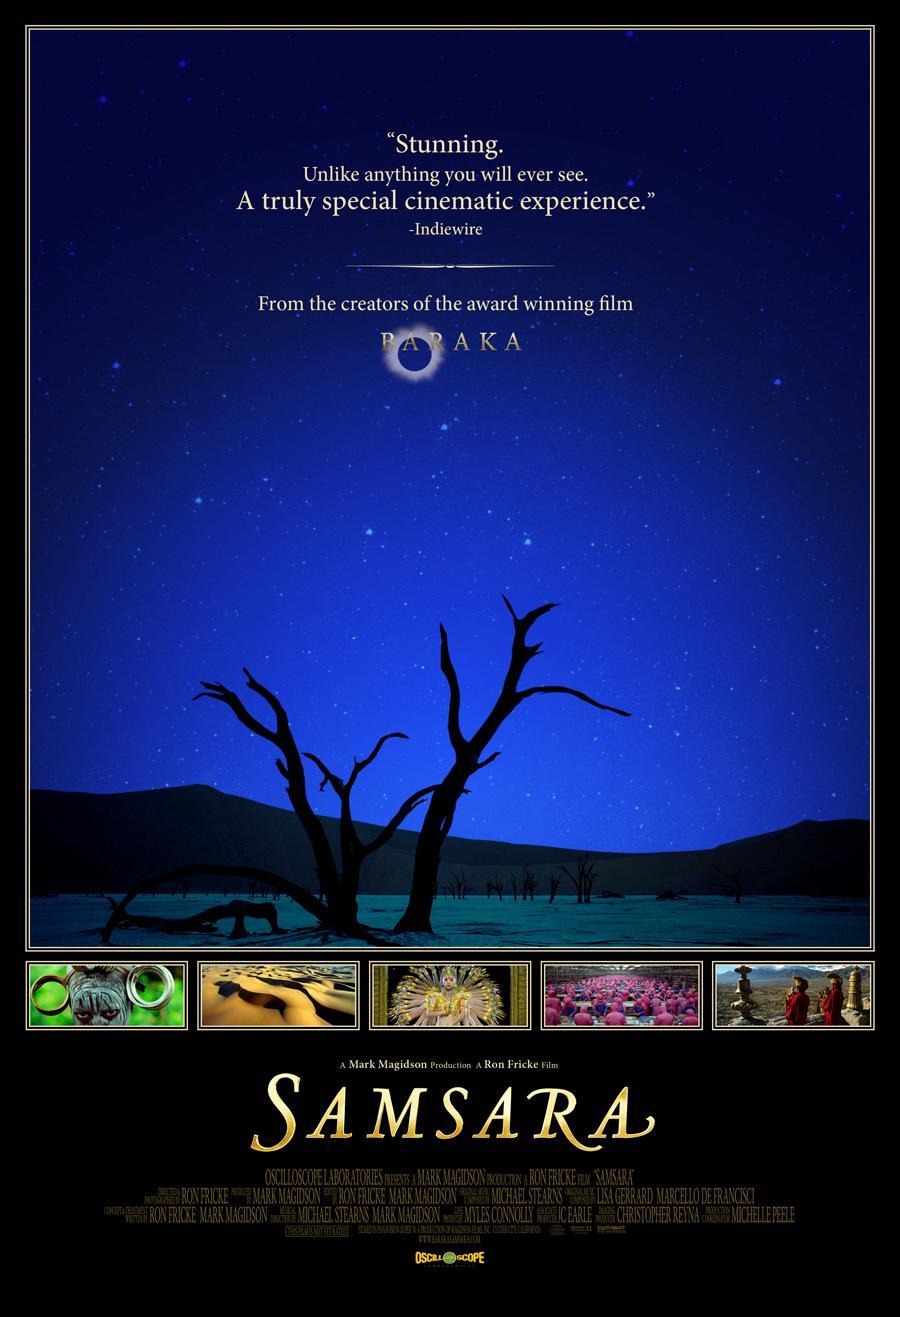 samsara_poster_large